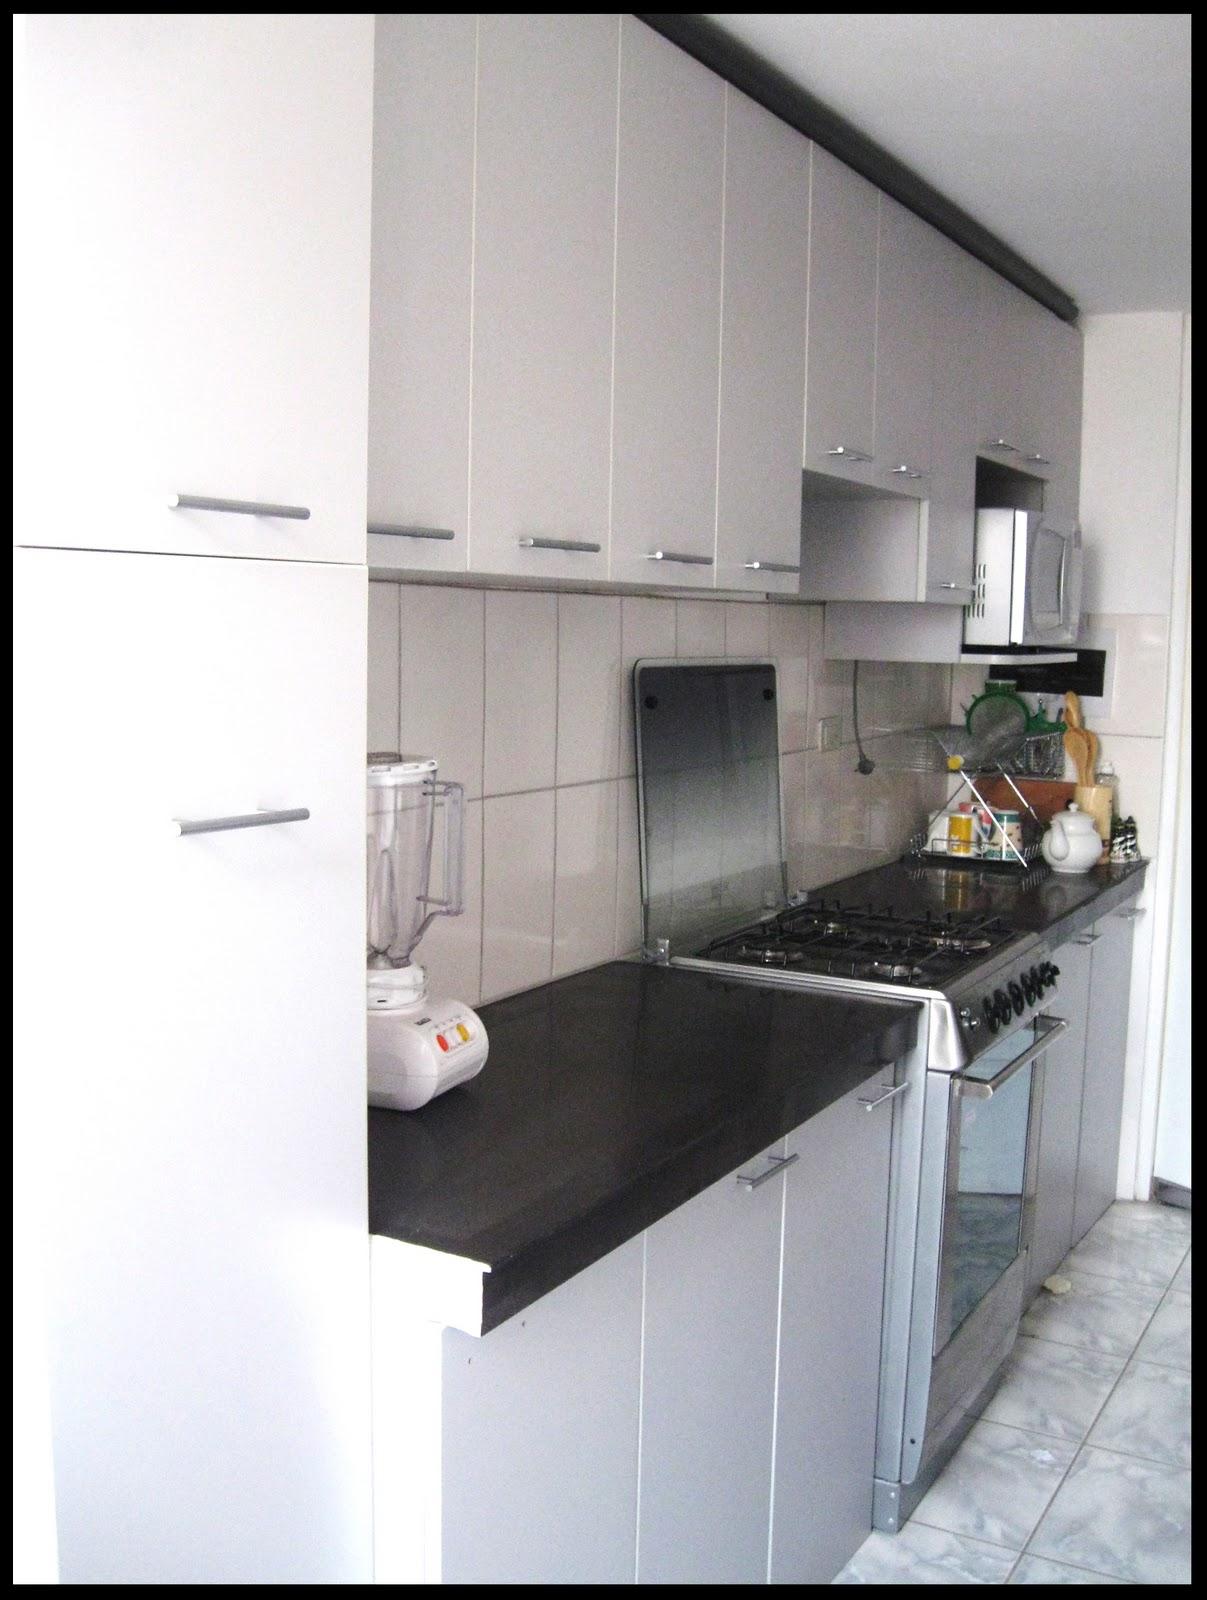 Mueble Campana Extractora Fabulous Cmo Disear Una Cocina Home  ~ Microondas Con Campana Extractora